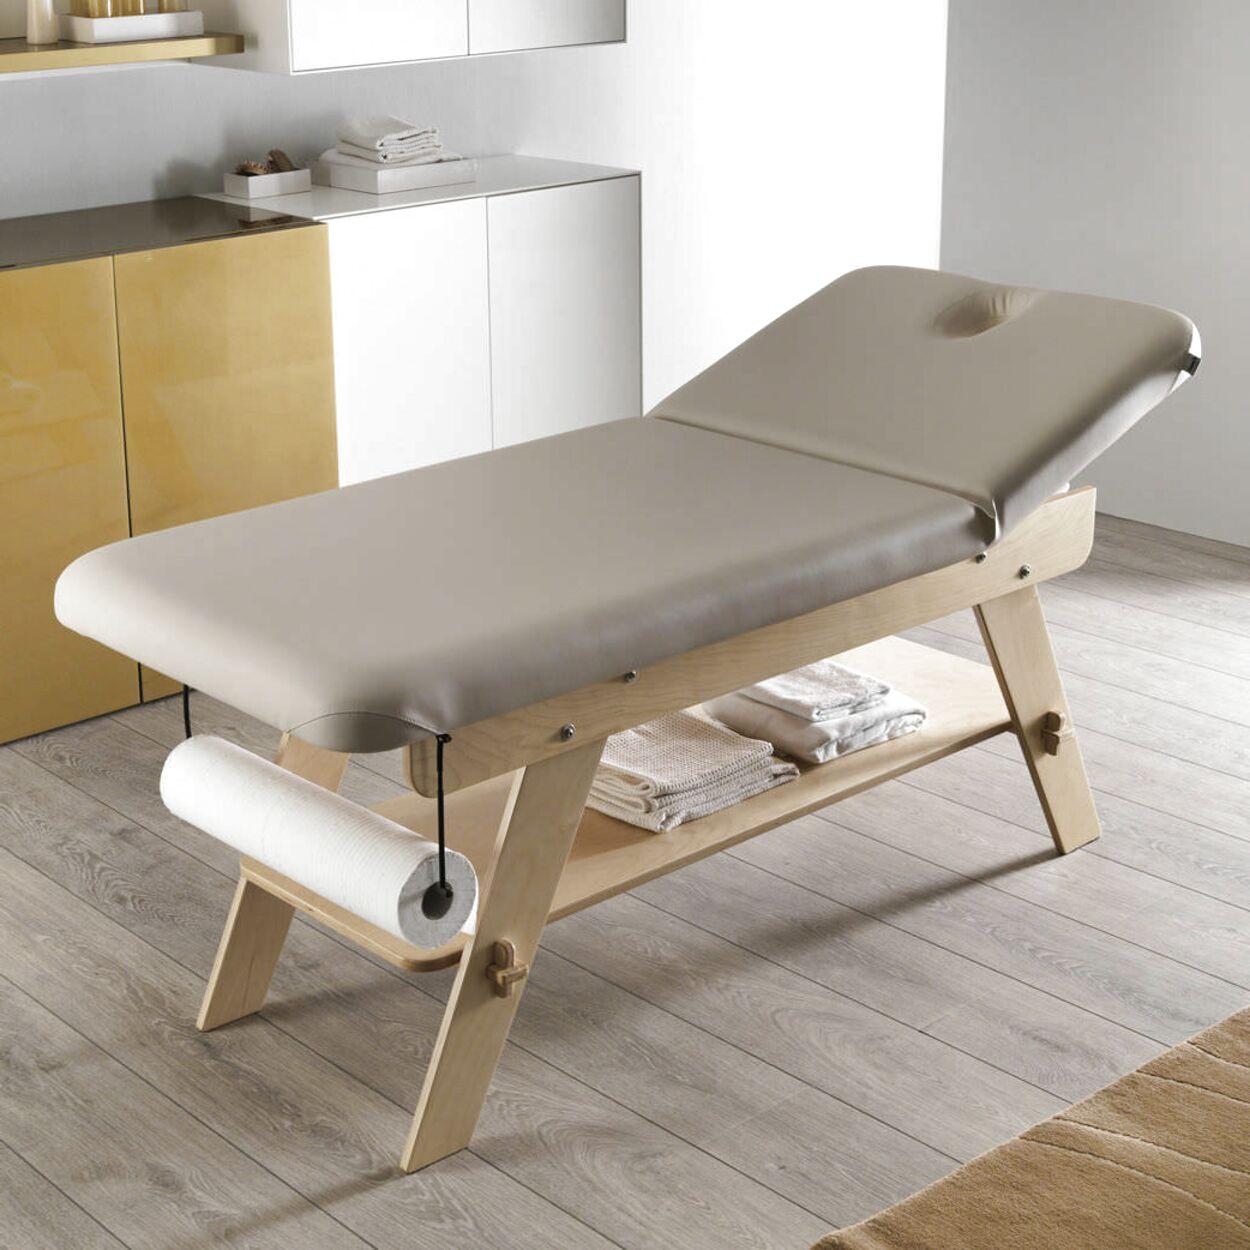 Lettino Massaggio Fisso Legno.Lettino Massaggi Fisso Usato In Italia Vedi Tutte I 42 Prezzi